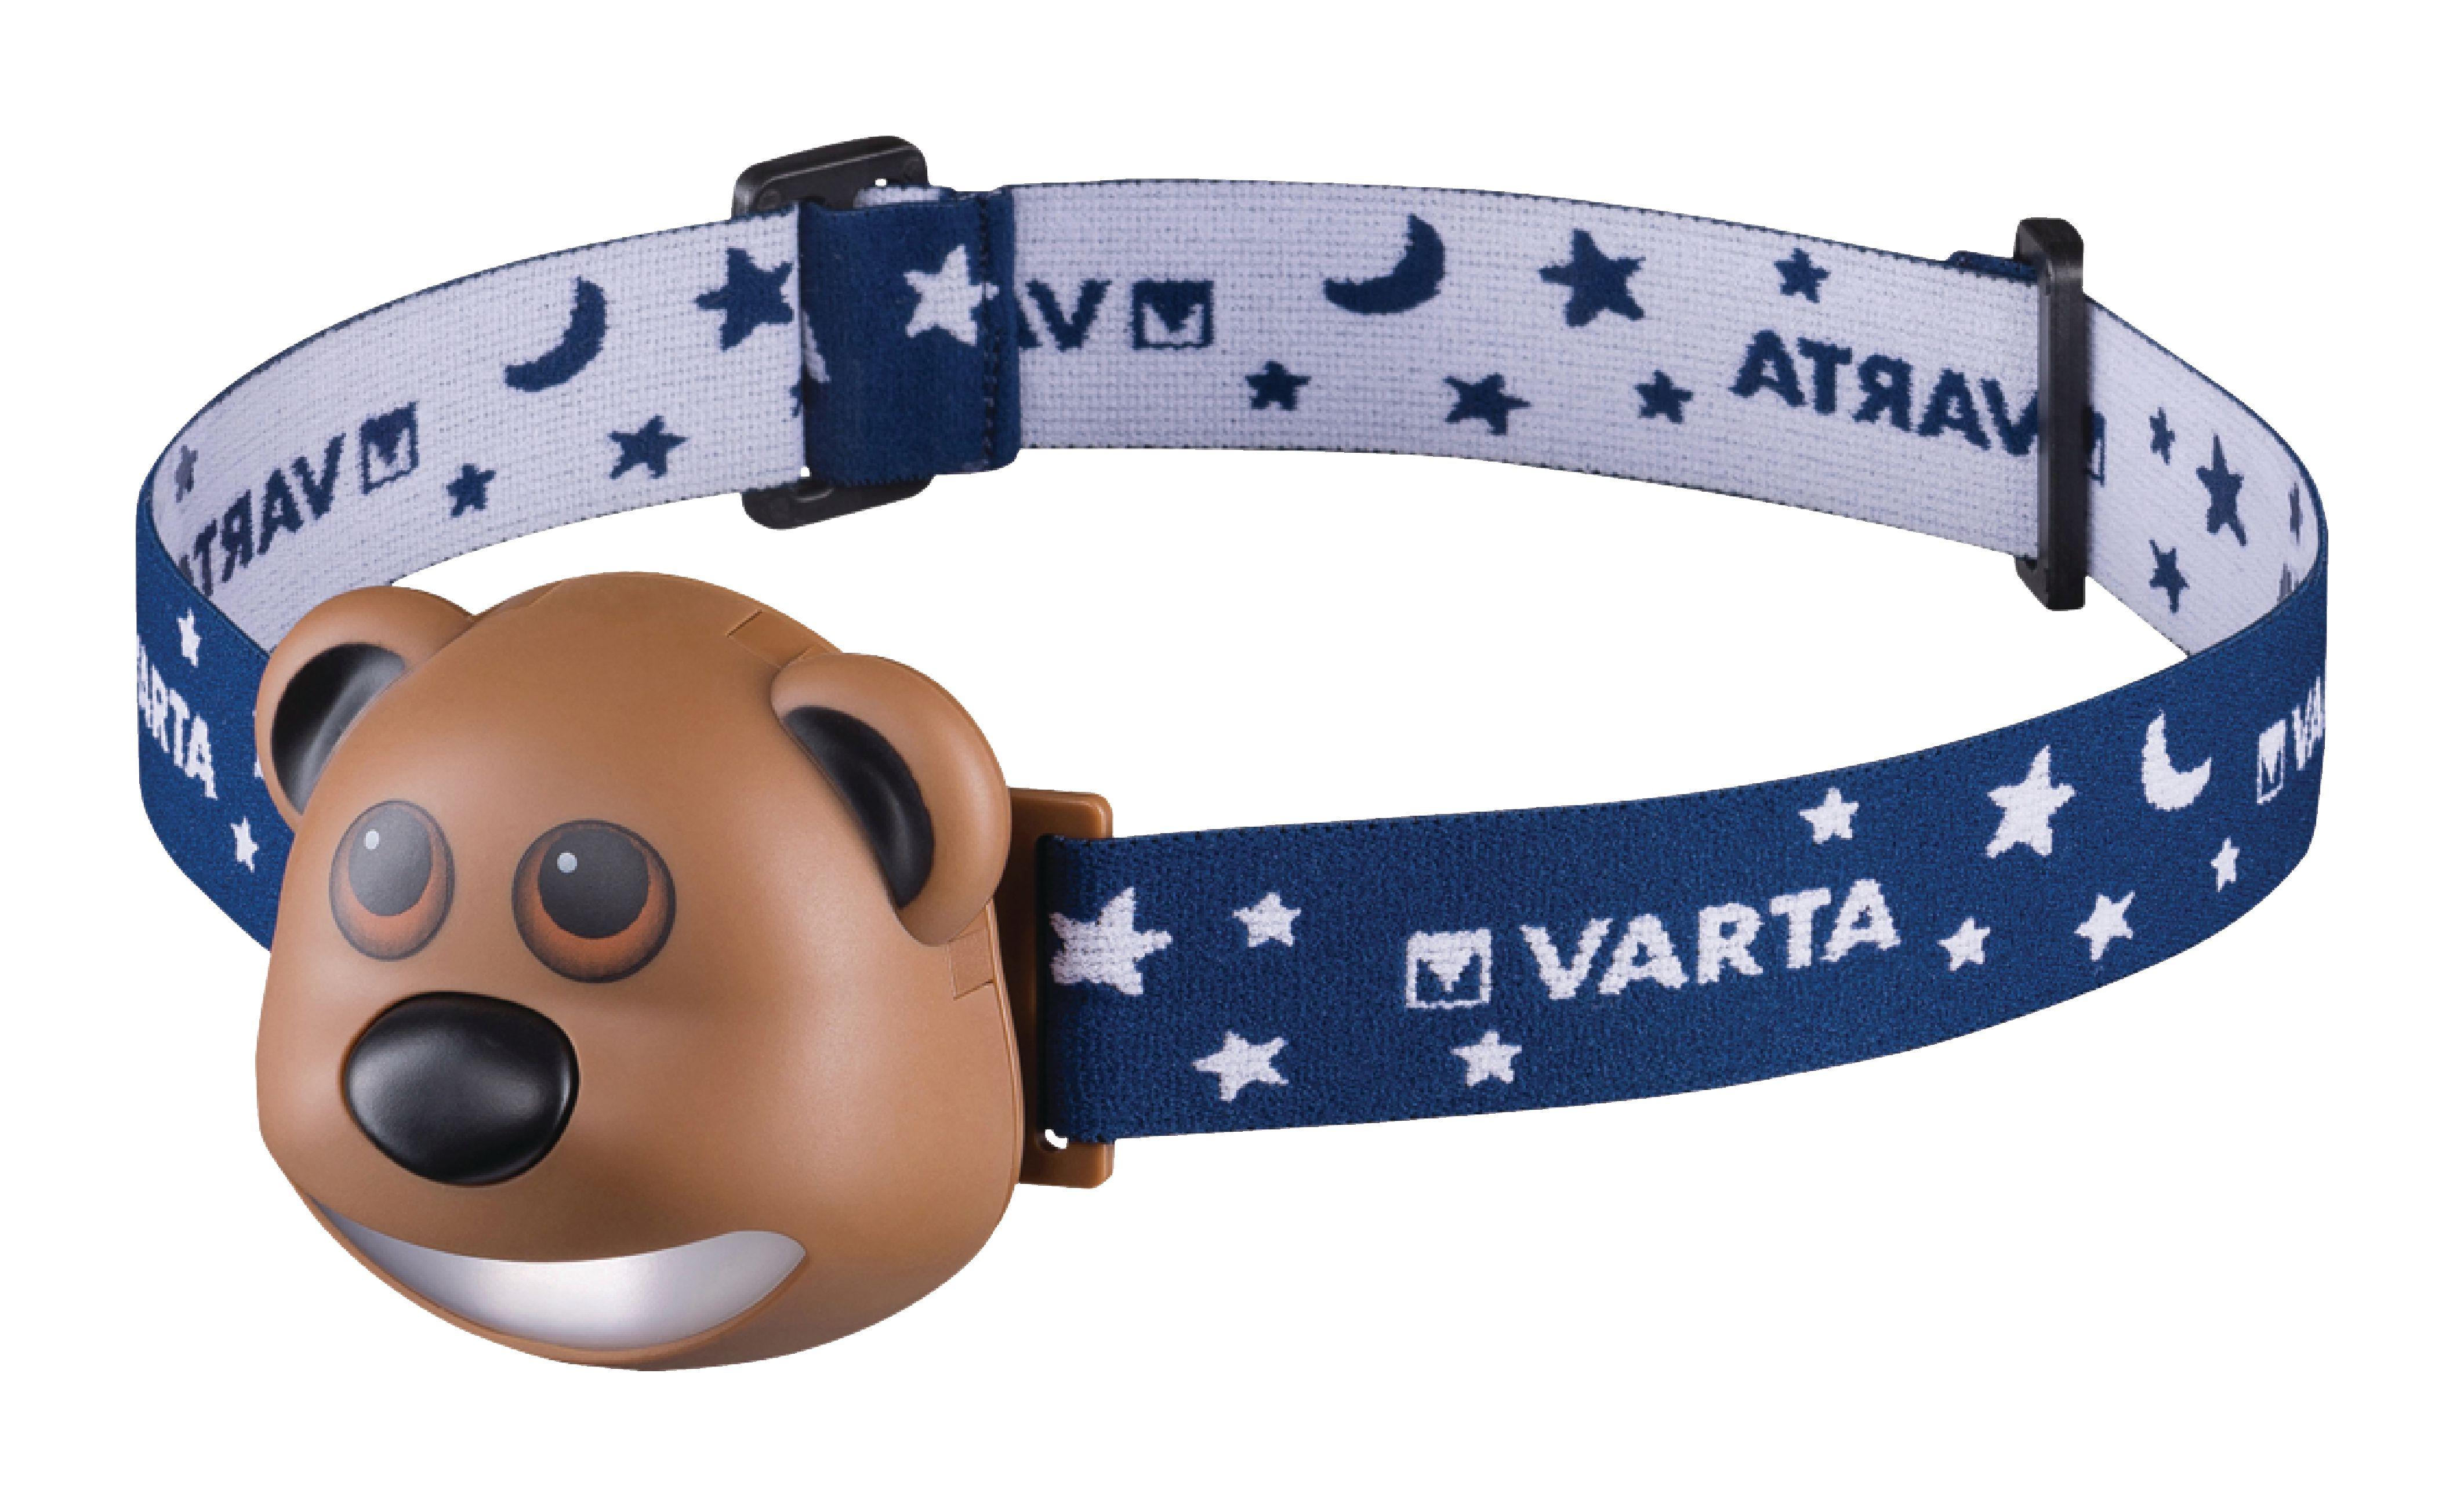 LED čelovka Varta medvídek Paul, VARTA-17500